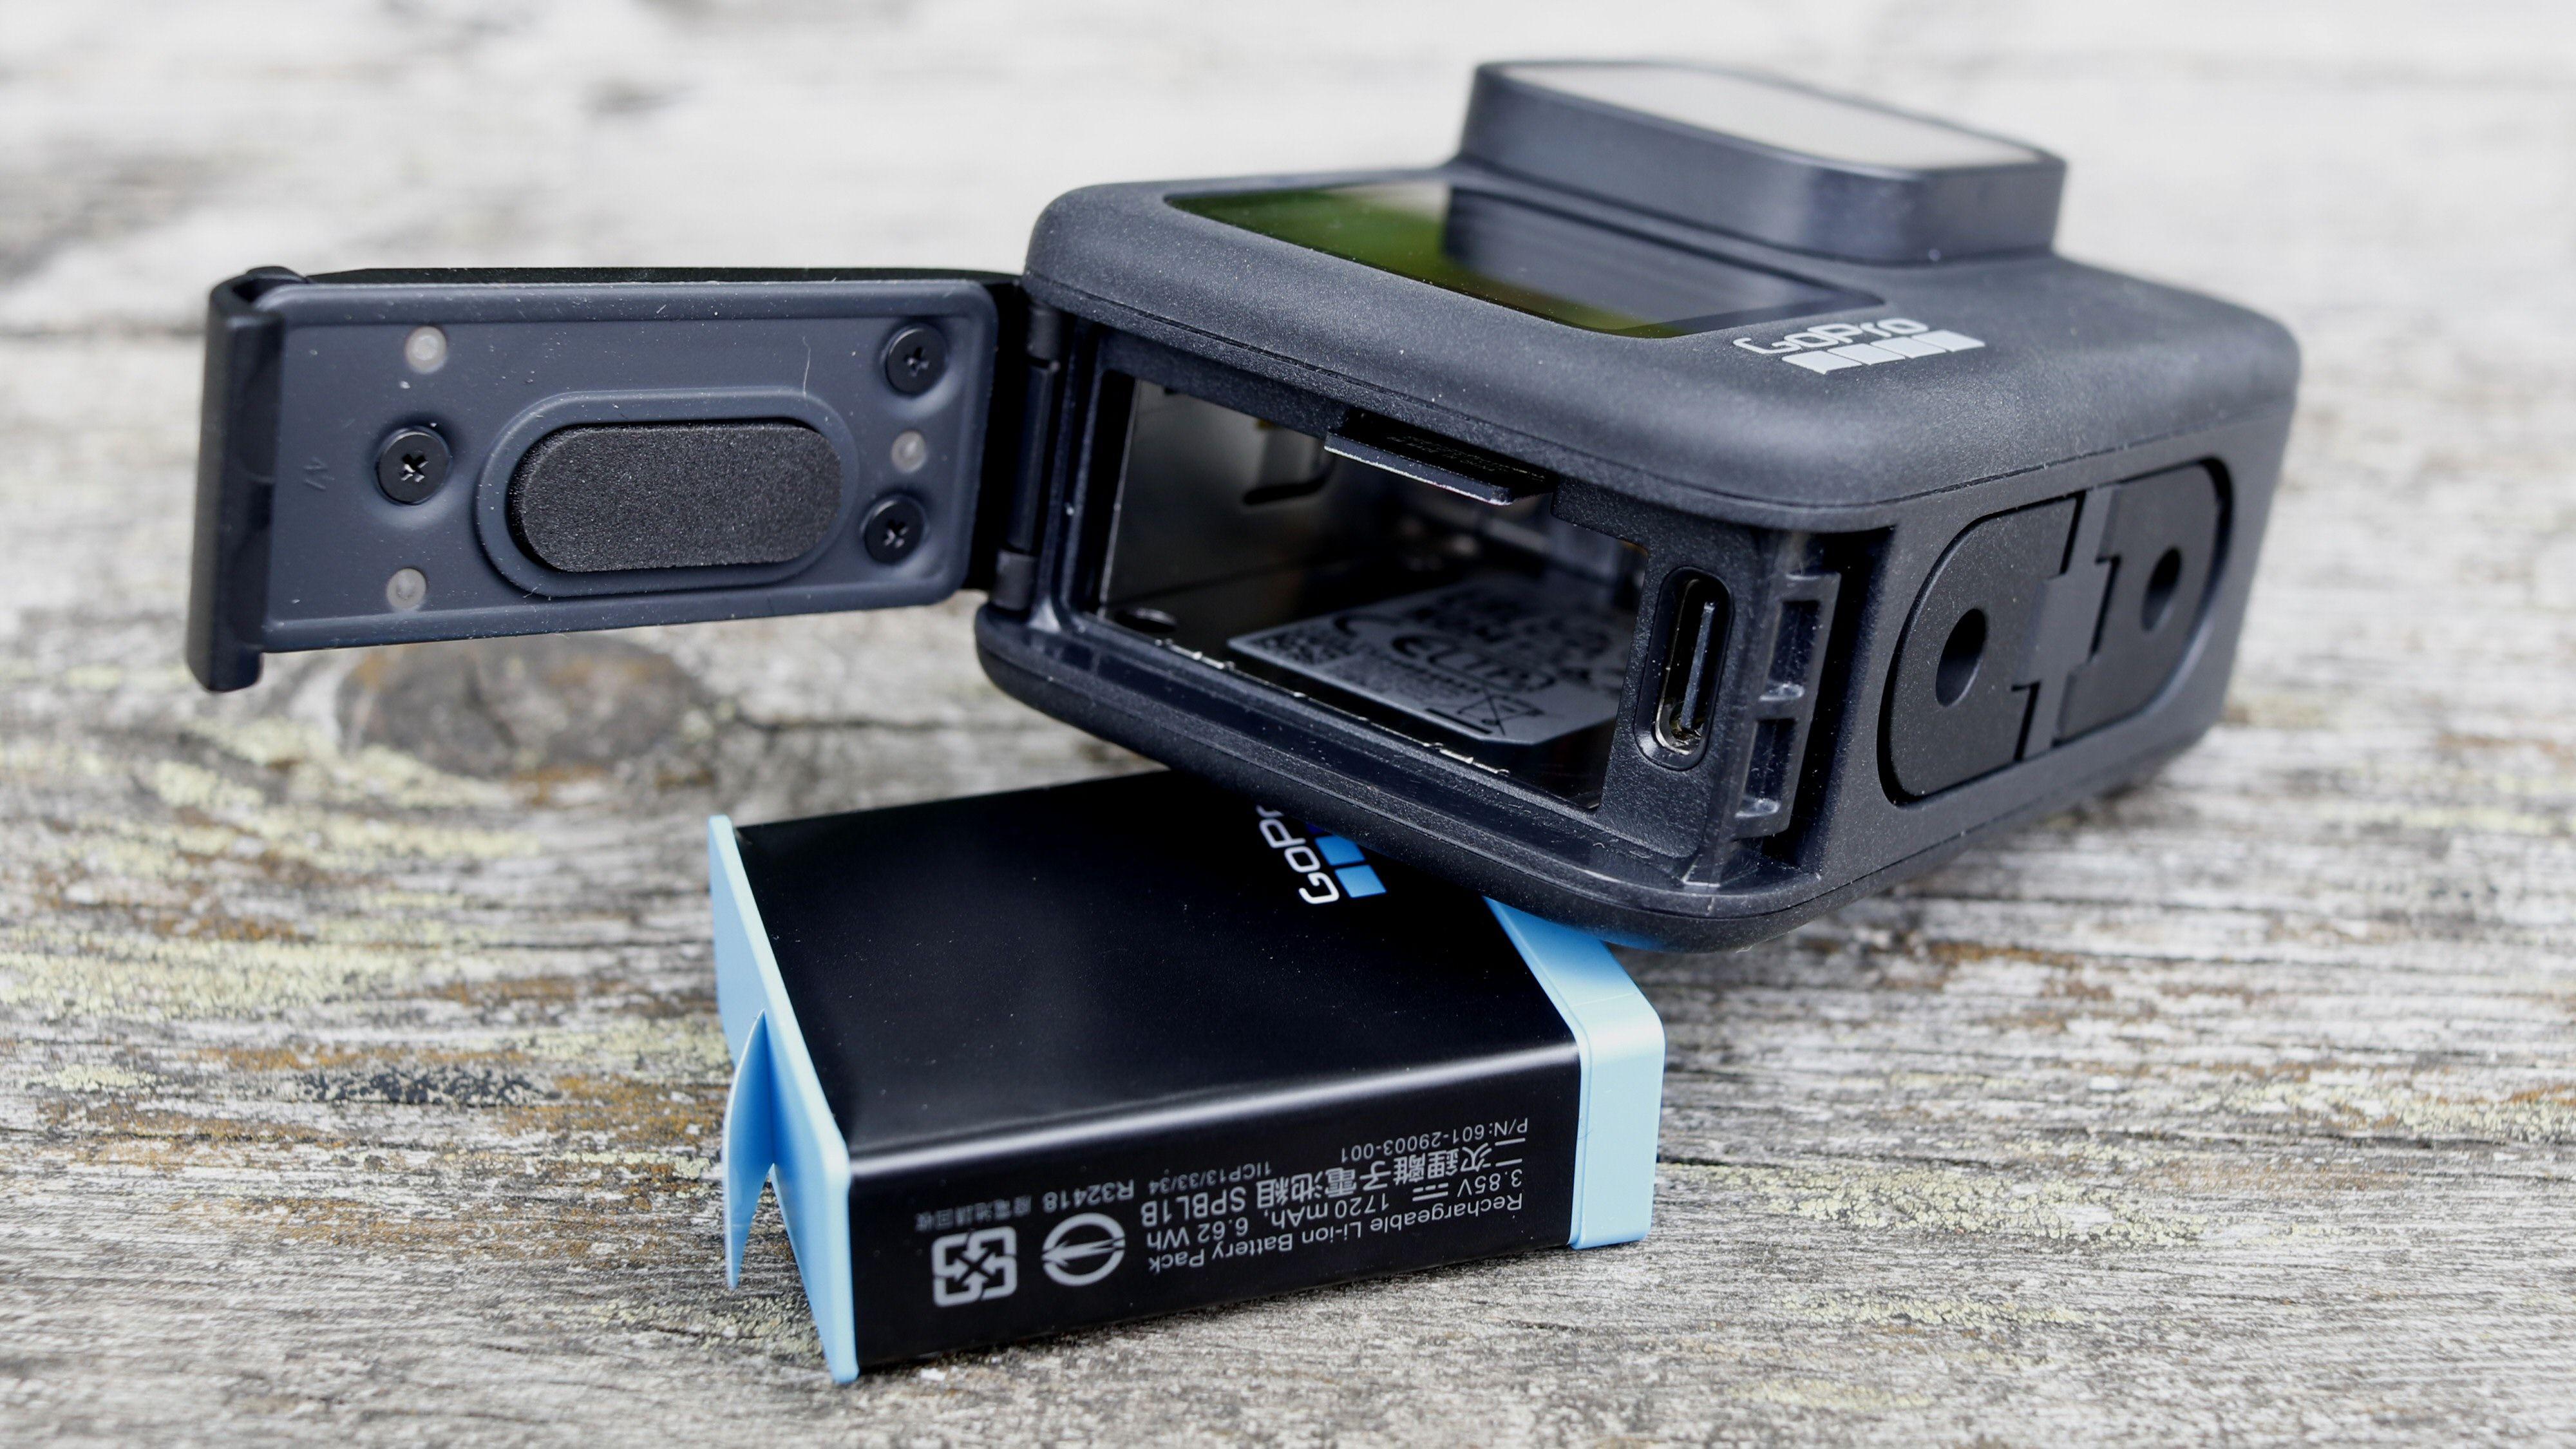 GoPro Hero9 Black har kun én luke. Her finner vi USB-C-porten, samt batteri og plass til microSD-kort.